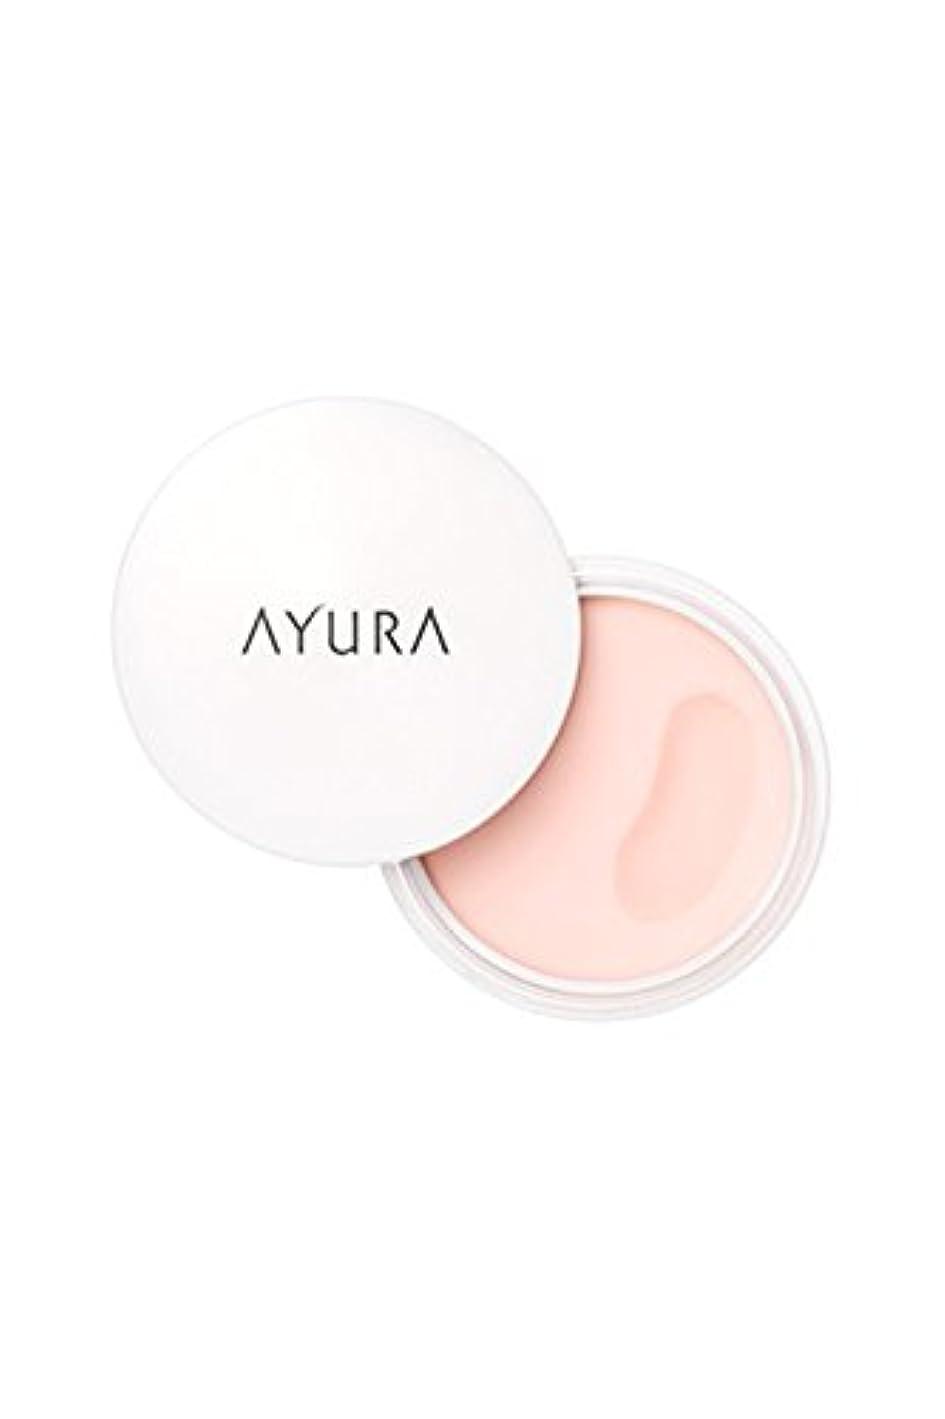 星参照投資するアユーラ (AYURA) オイルシャットデイセラム < 朝用練り美容液 > 10g 毛穴 化粧くずれ対策練り美容液